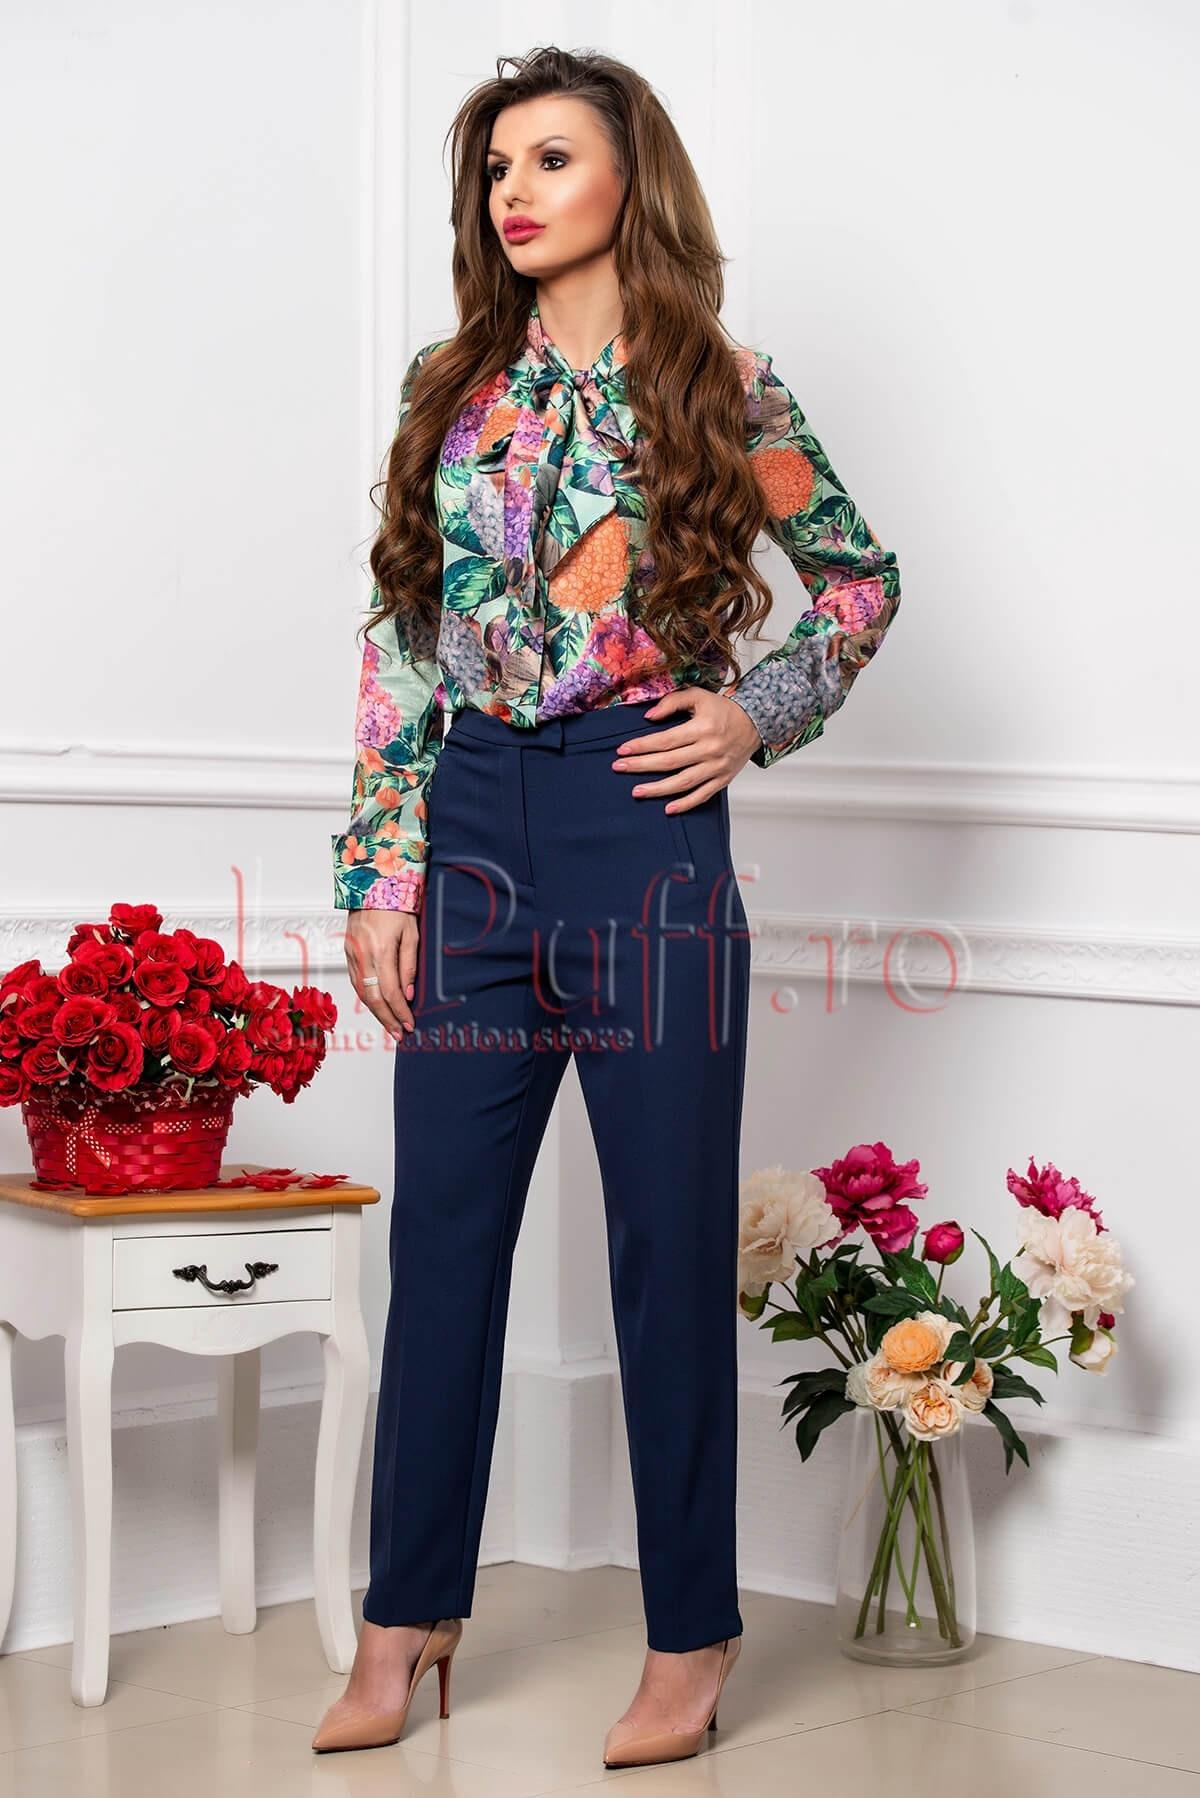 Pantalon dama elegant albastru conic cu buzunare laterale